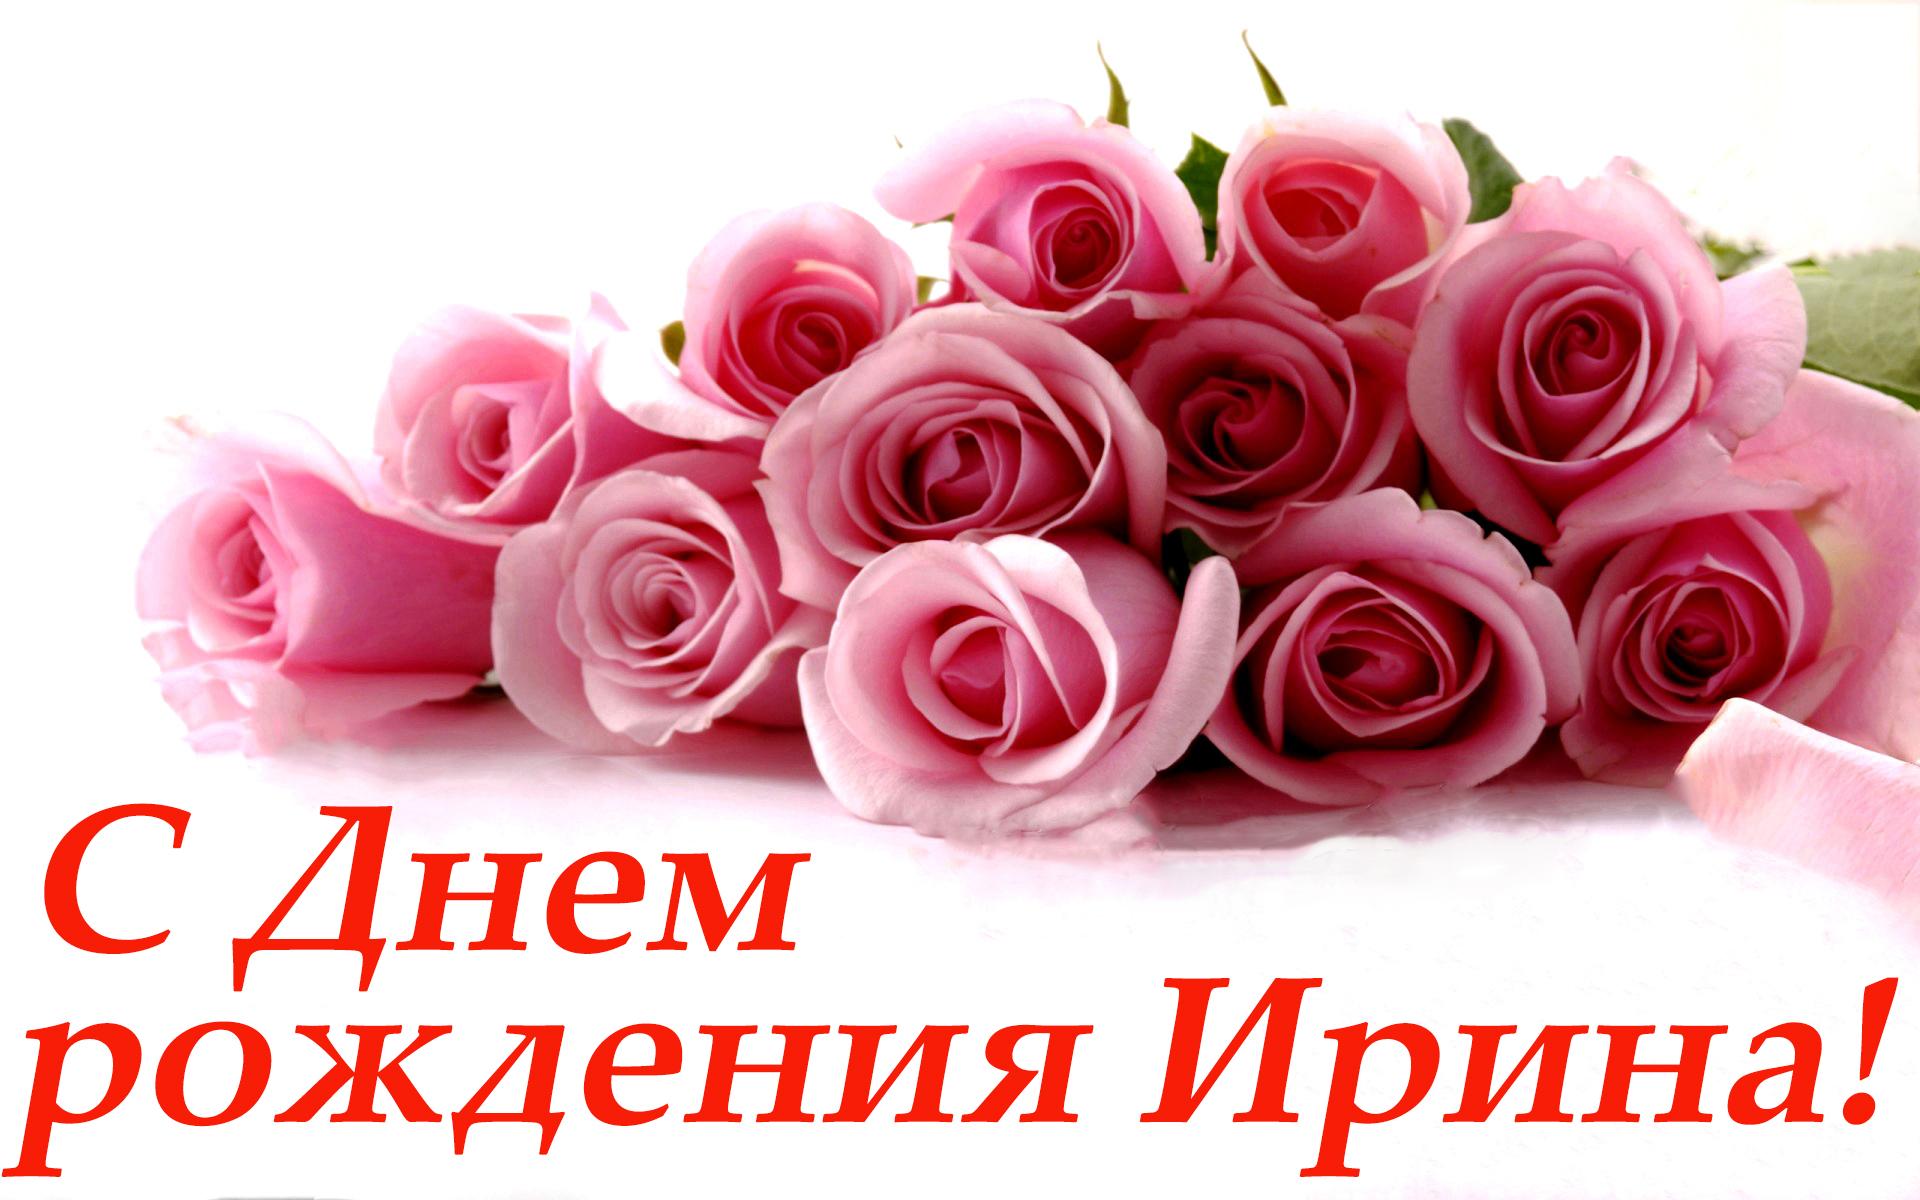 Бесплатные картинки с днем рождения Ирина